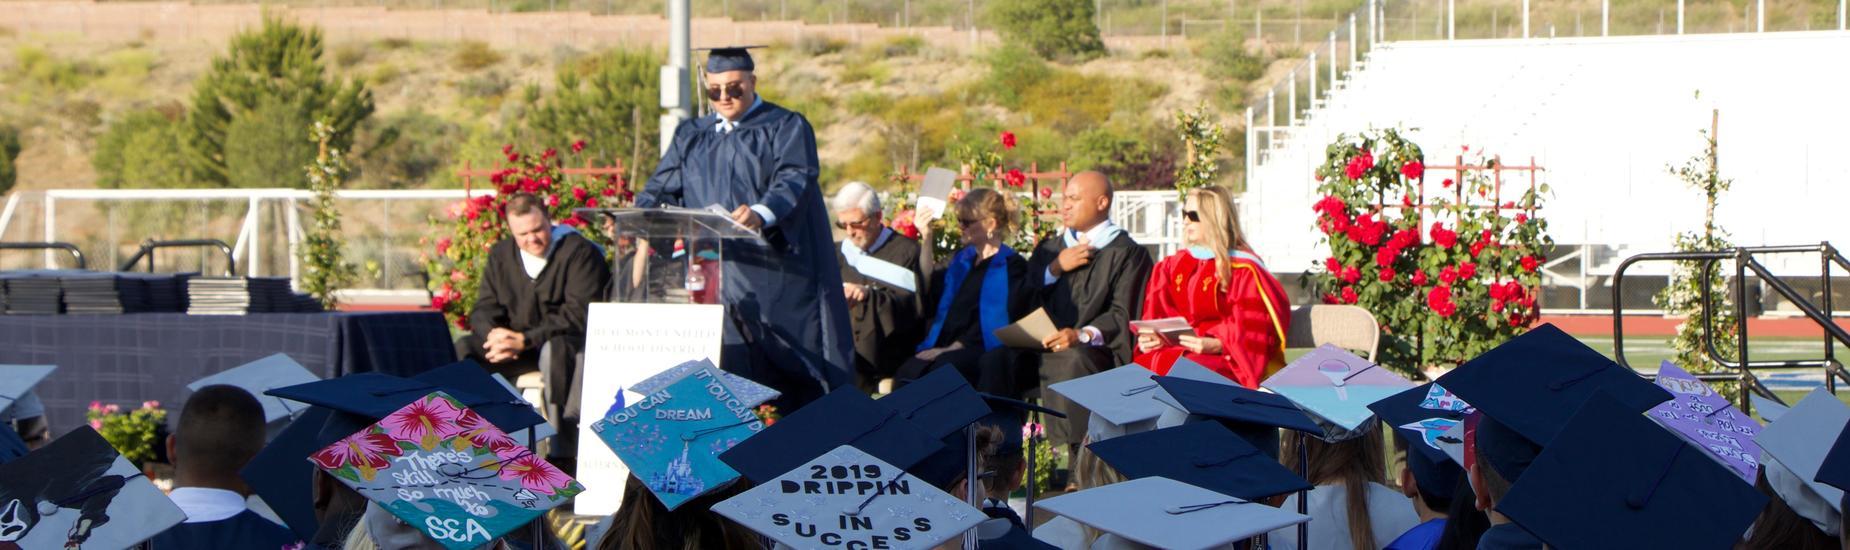 Congratulations Glen View High School Class of 2019!